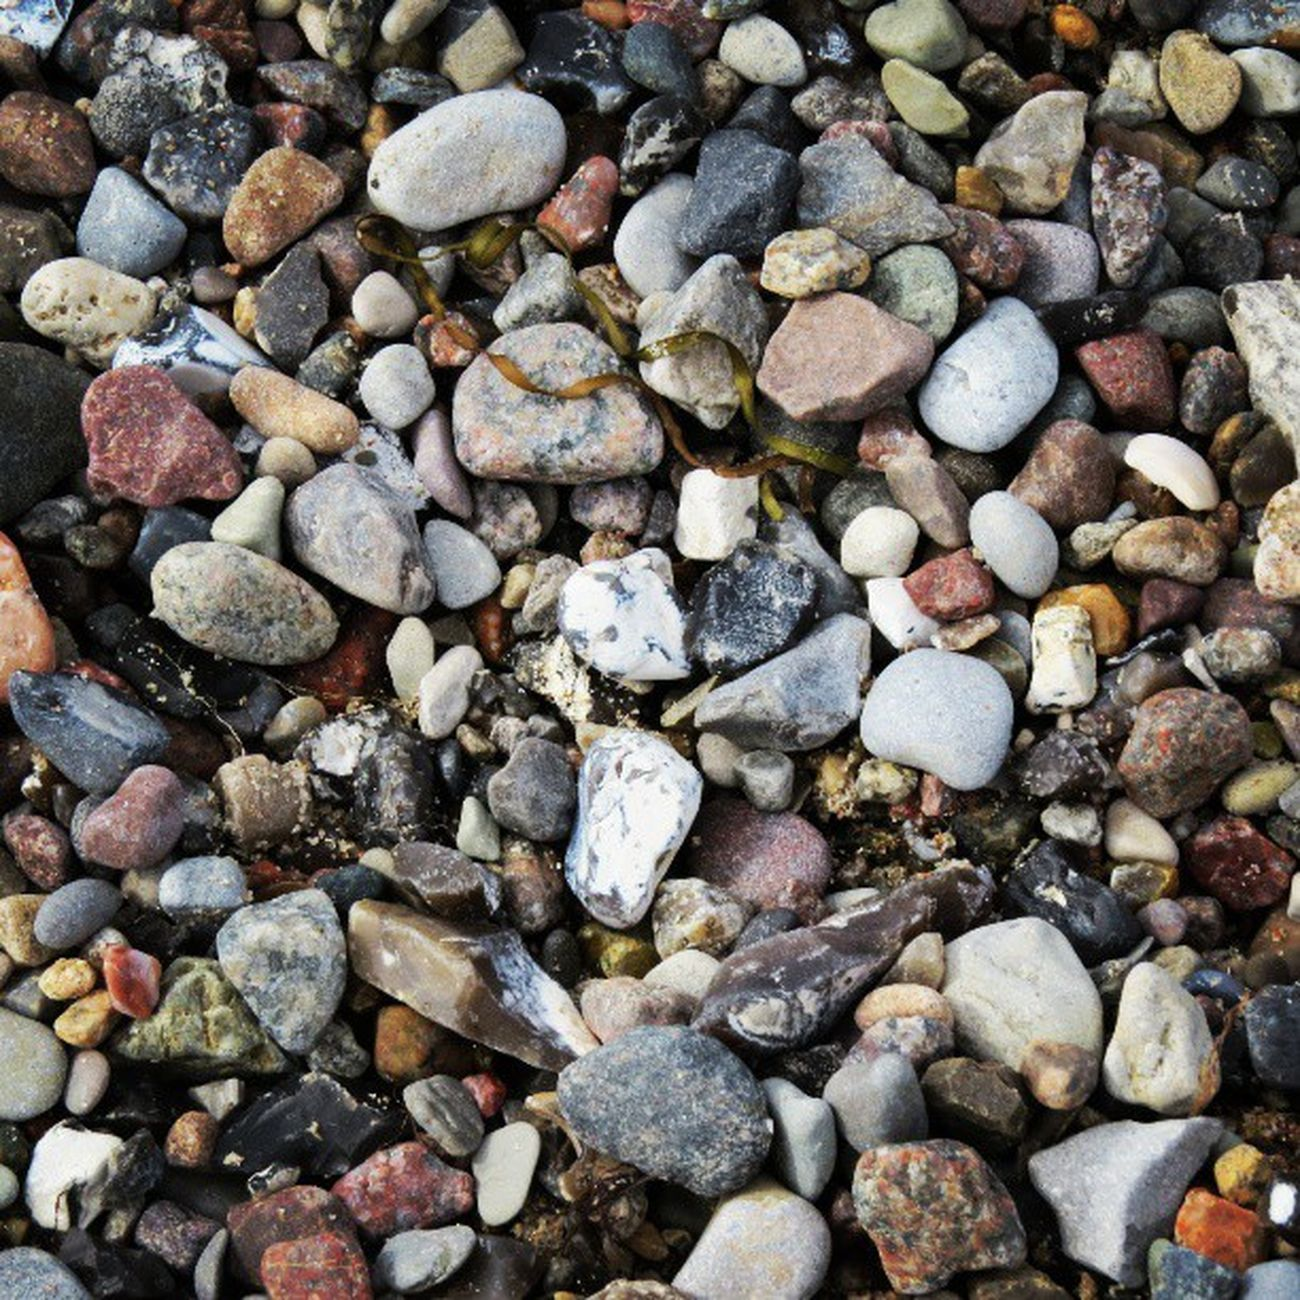 Ich Hasse Menschen , Tiere Und Pflanzen , Aber Steine , Steine Sind Okay . ♡ Alexandramiriam Wir Lieben Steine Steine Sind Cool